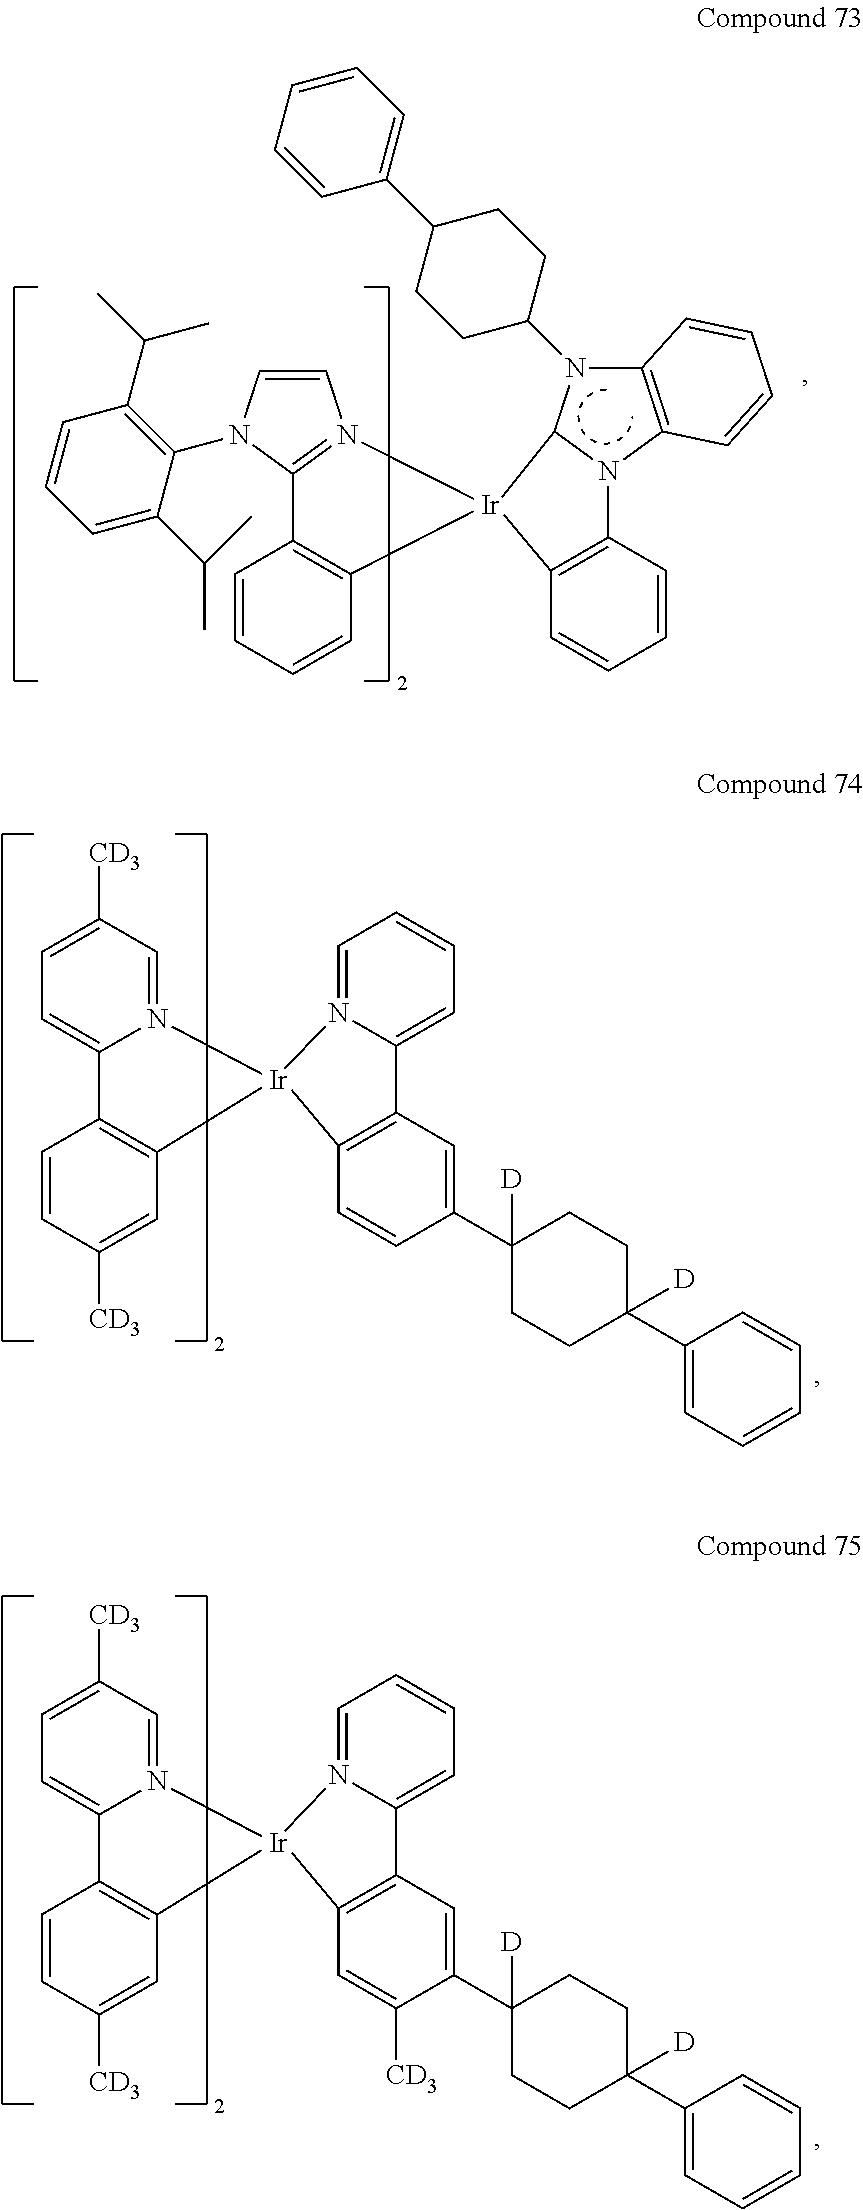 Figure US20180076393A1-20180315-C00177